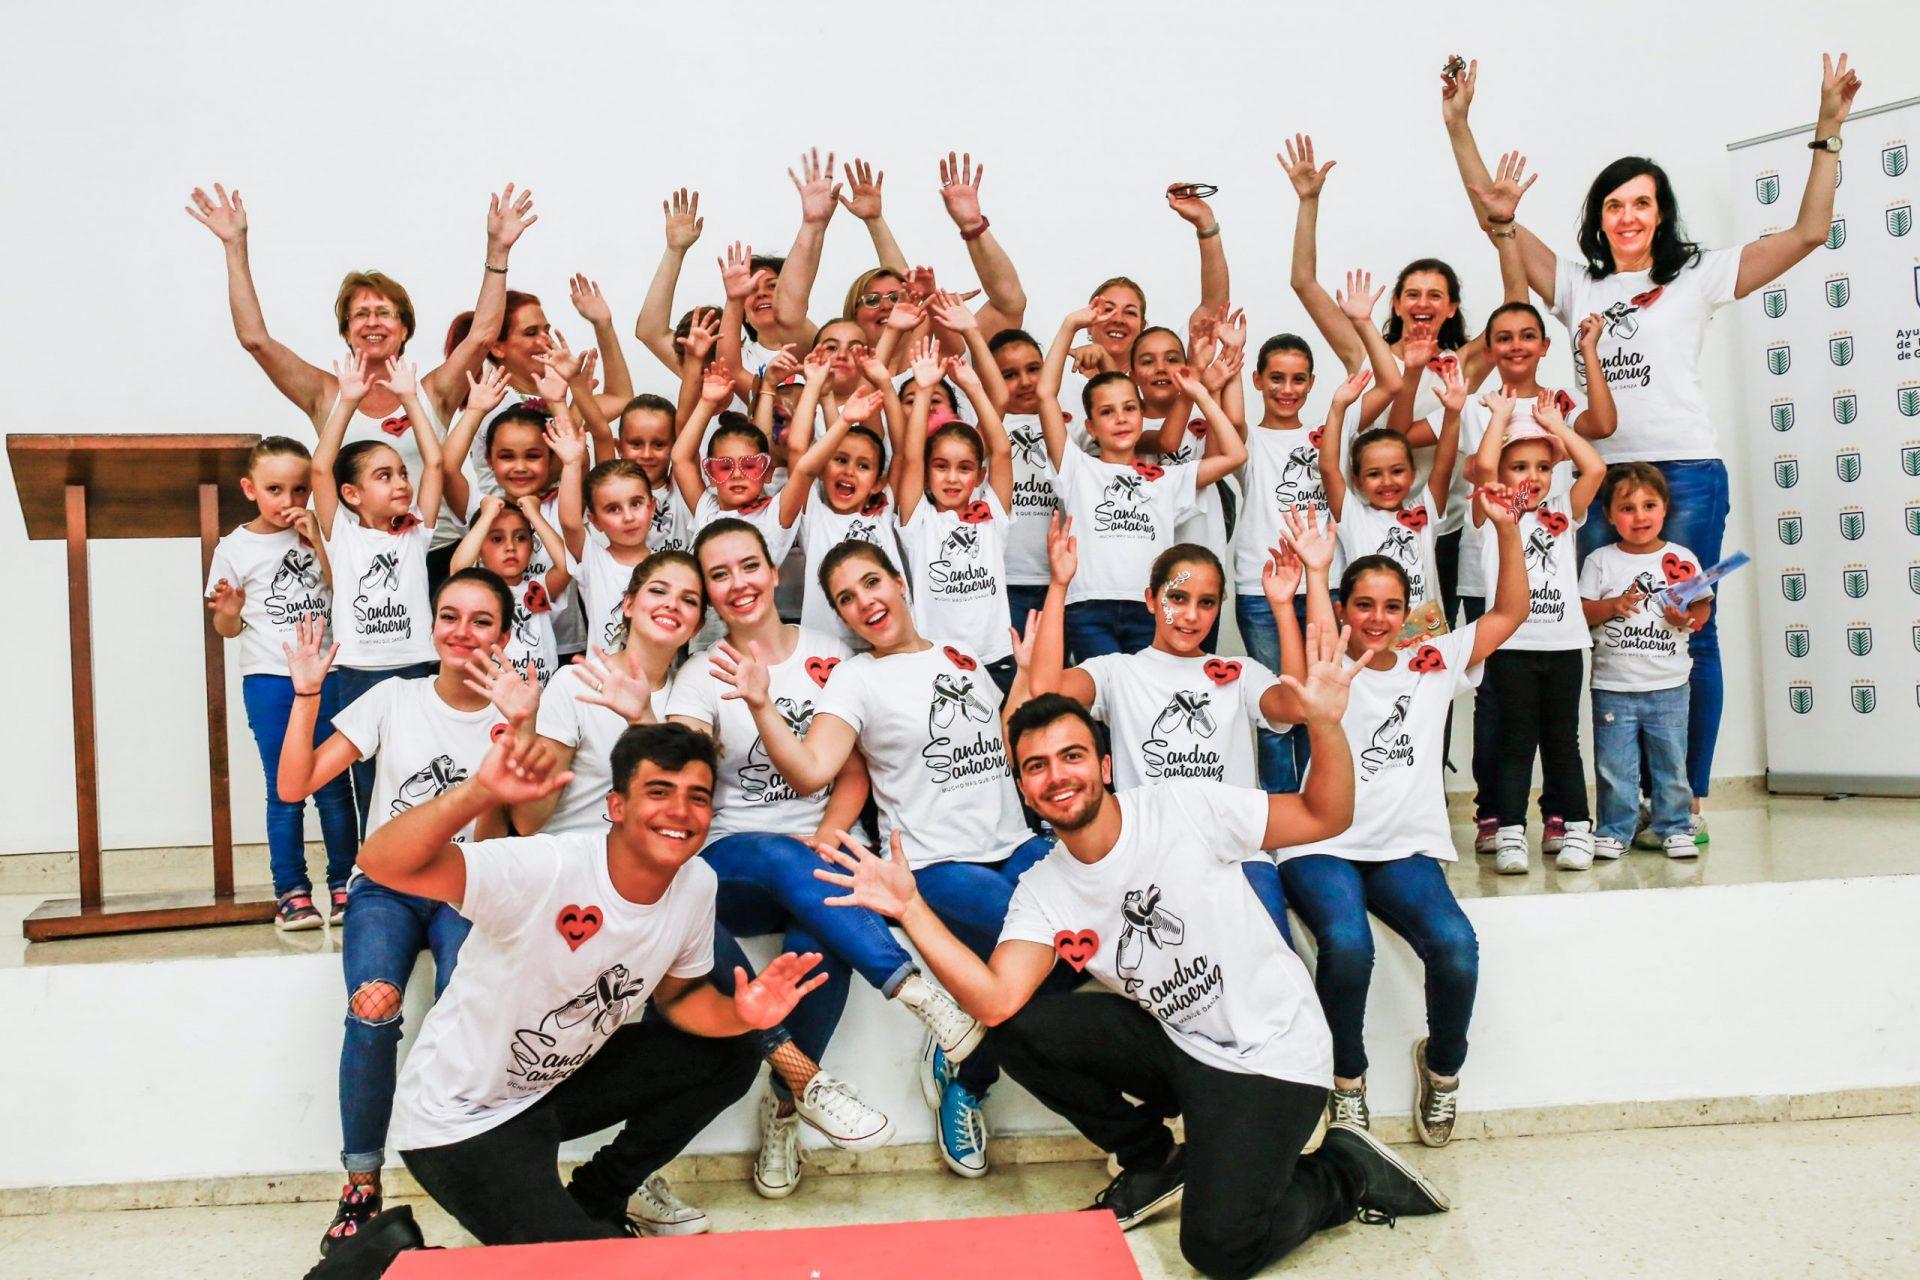 Foto del Centro de Danza Sandra tras su desfile de creatividad: